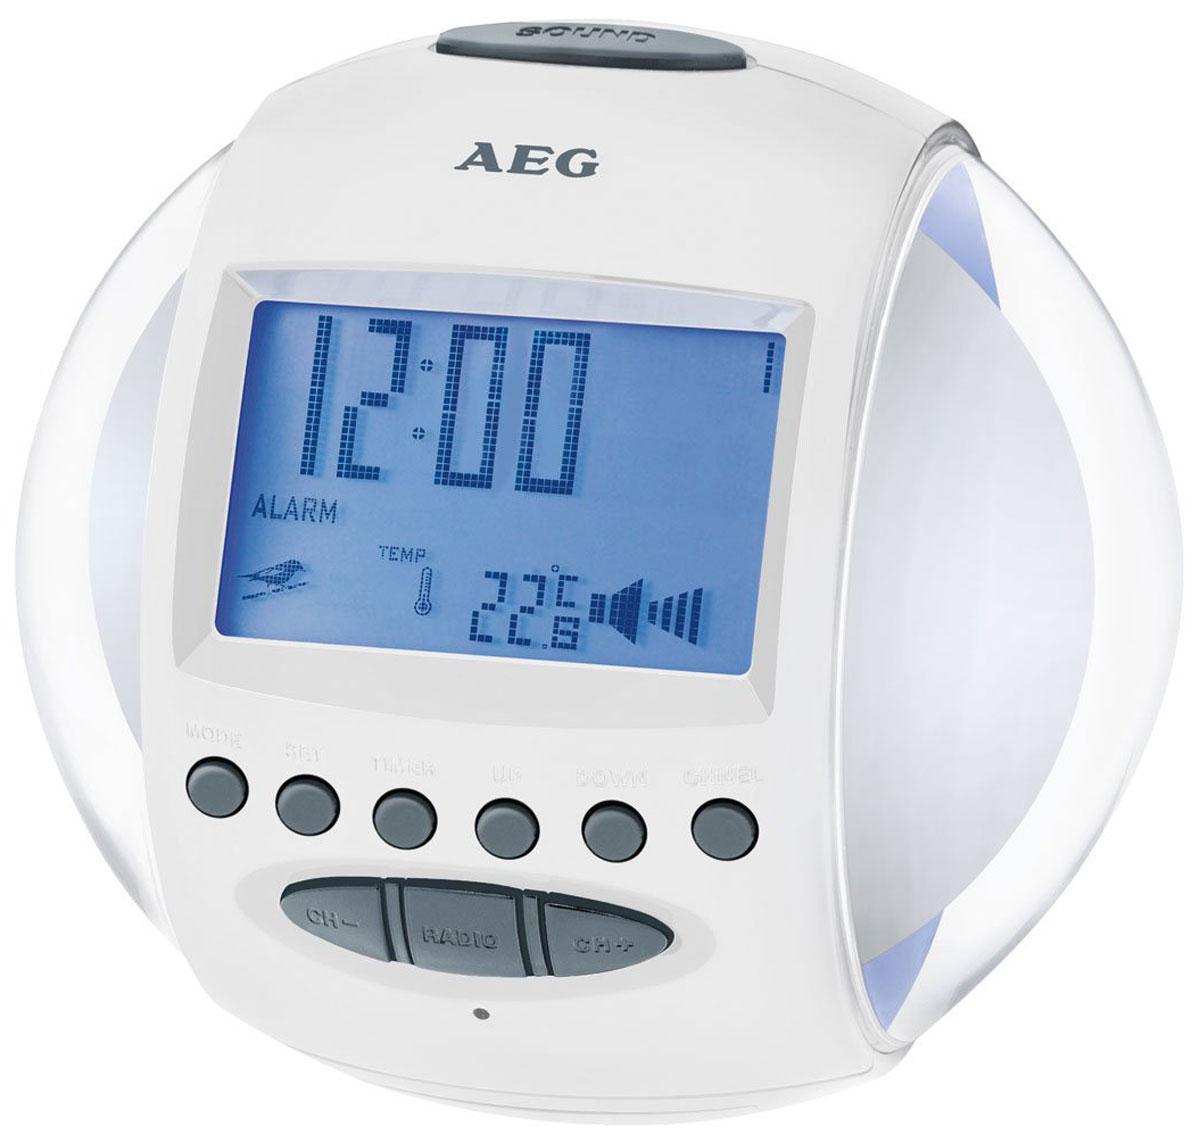 AEG MRC 4117, White радиочасыMRC 4117 weissFM –радиочасы AEG MRC 4117 со звуками природы и мелодиями, а также сменной подсветкой из 7 различных цветов, индикацией даты и температуры, настройкой громкости и таймером обратного отсчета непременно займут достойное место в интерьере вашего дома. FM-радиоприемник с 4 ячейками для запоминания радиостанций Дипольная антенна, цифровая индикация частоты 2 будильника (3 возможности включения 1, 2 или 1+2) Сигнал будильника: радио, звуки природы, мелодия в сочетании со сменной подсветкой 6 звуков природы и 5 мелодий по выбору, режим повтора сигнала будильника Спящий режим (5-60 минут)